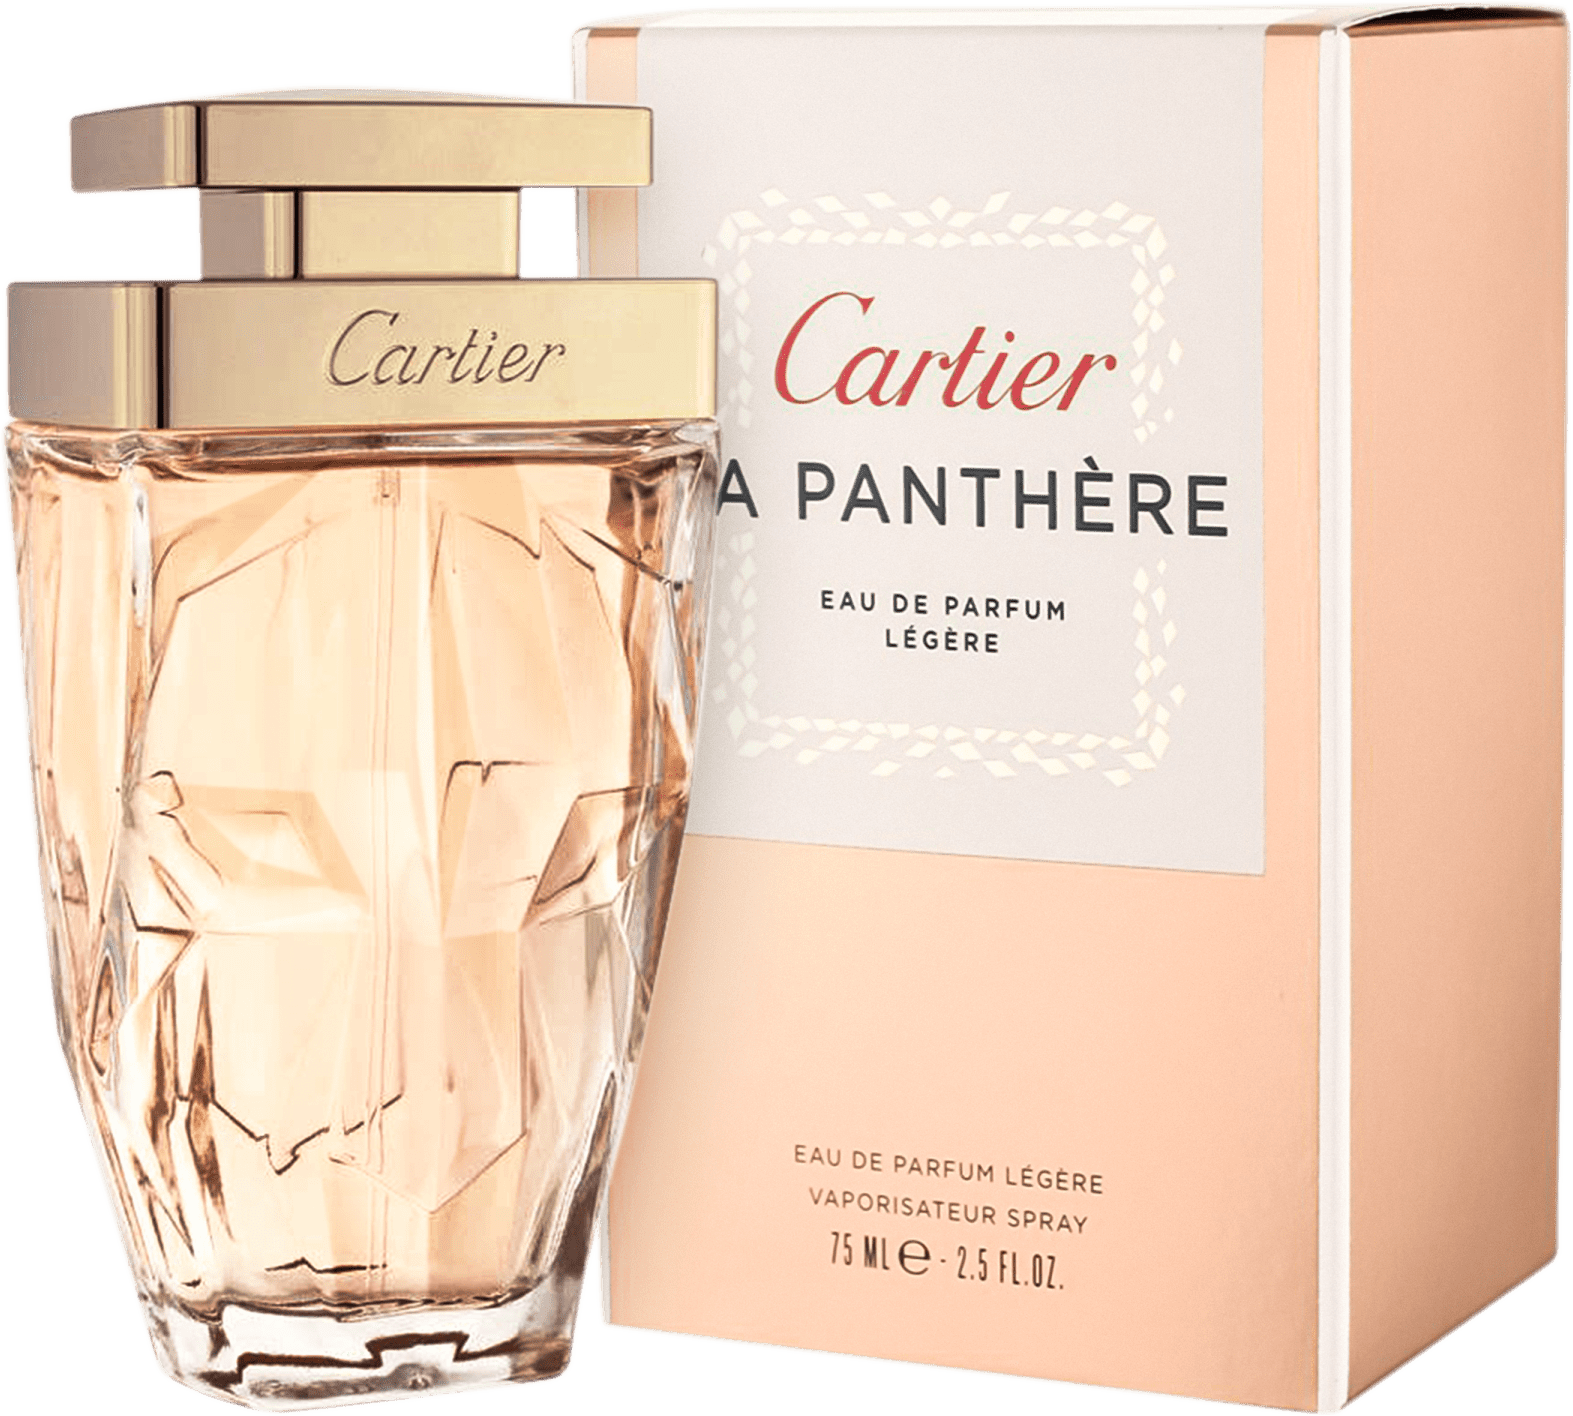 c434c6f3df0 La Panthère Légère Cartier Eau de Parfum - Perfume Feminino 75ml